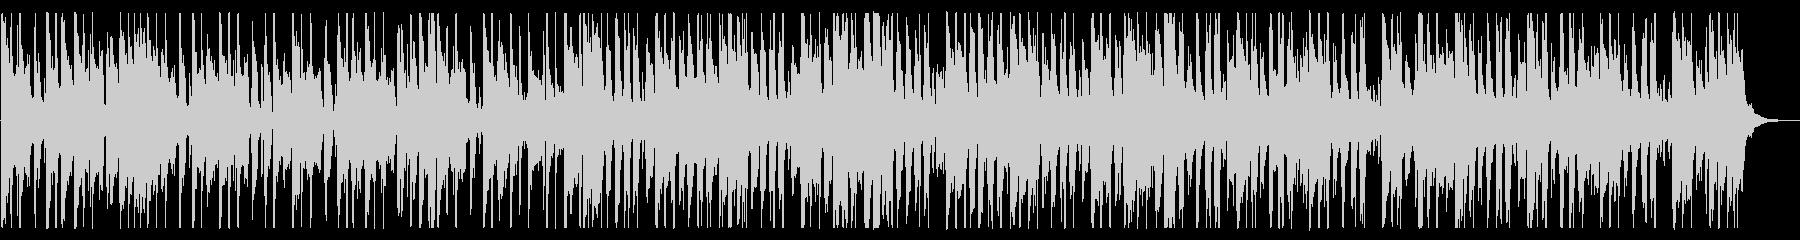 シティポップトラック_No623_5の未再生の波形